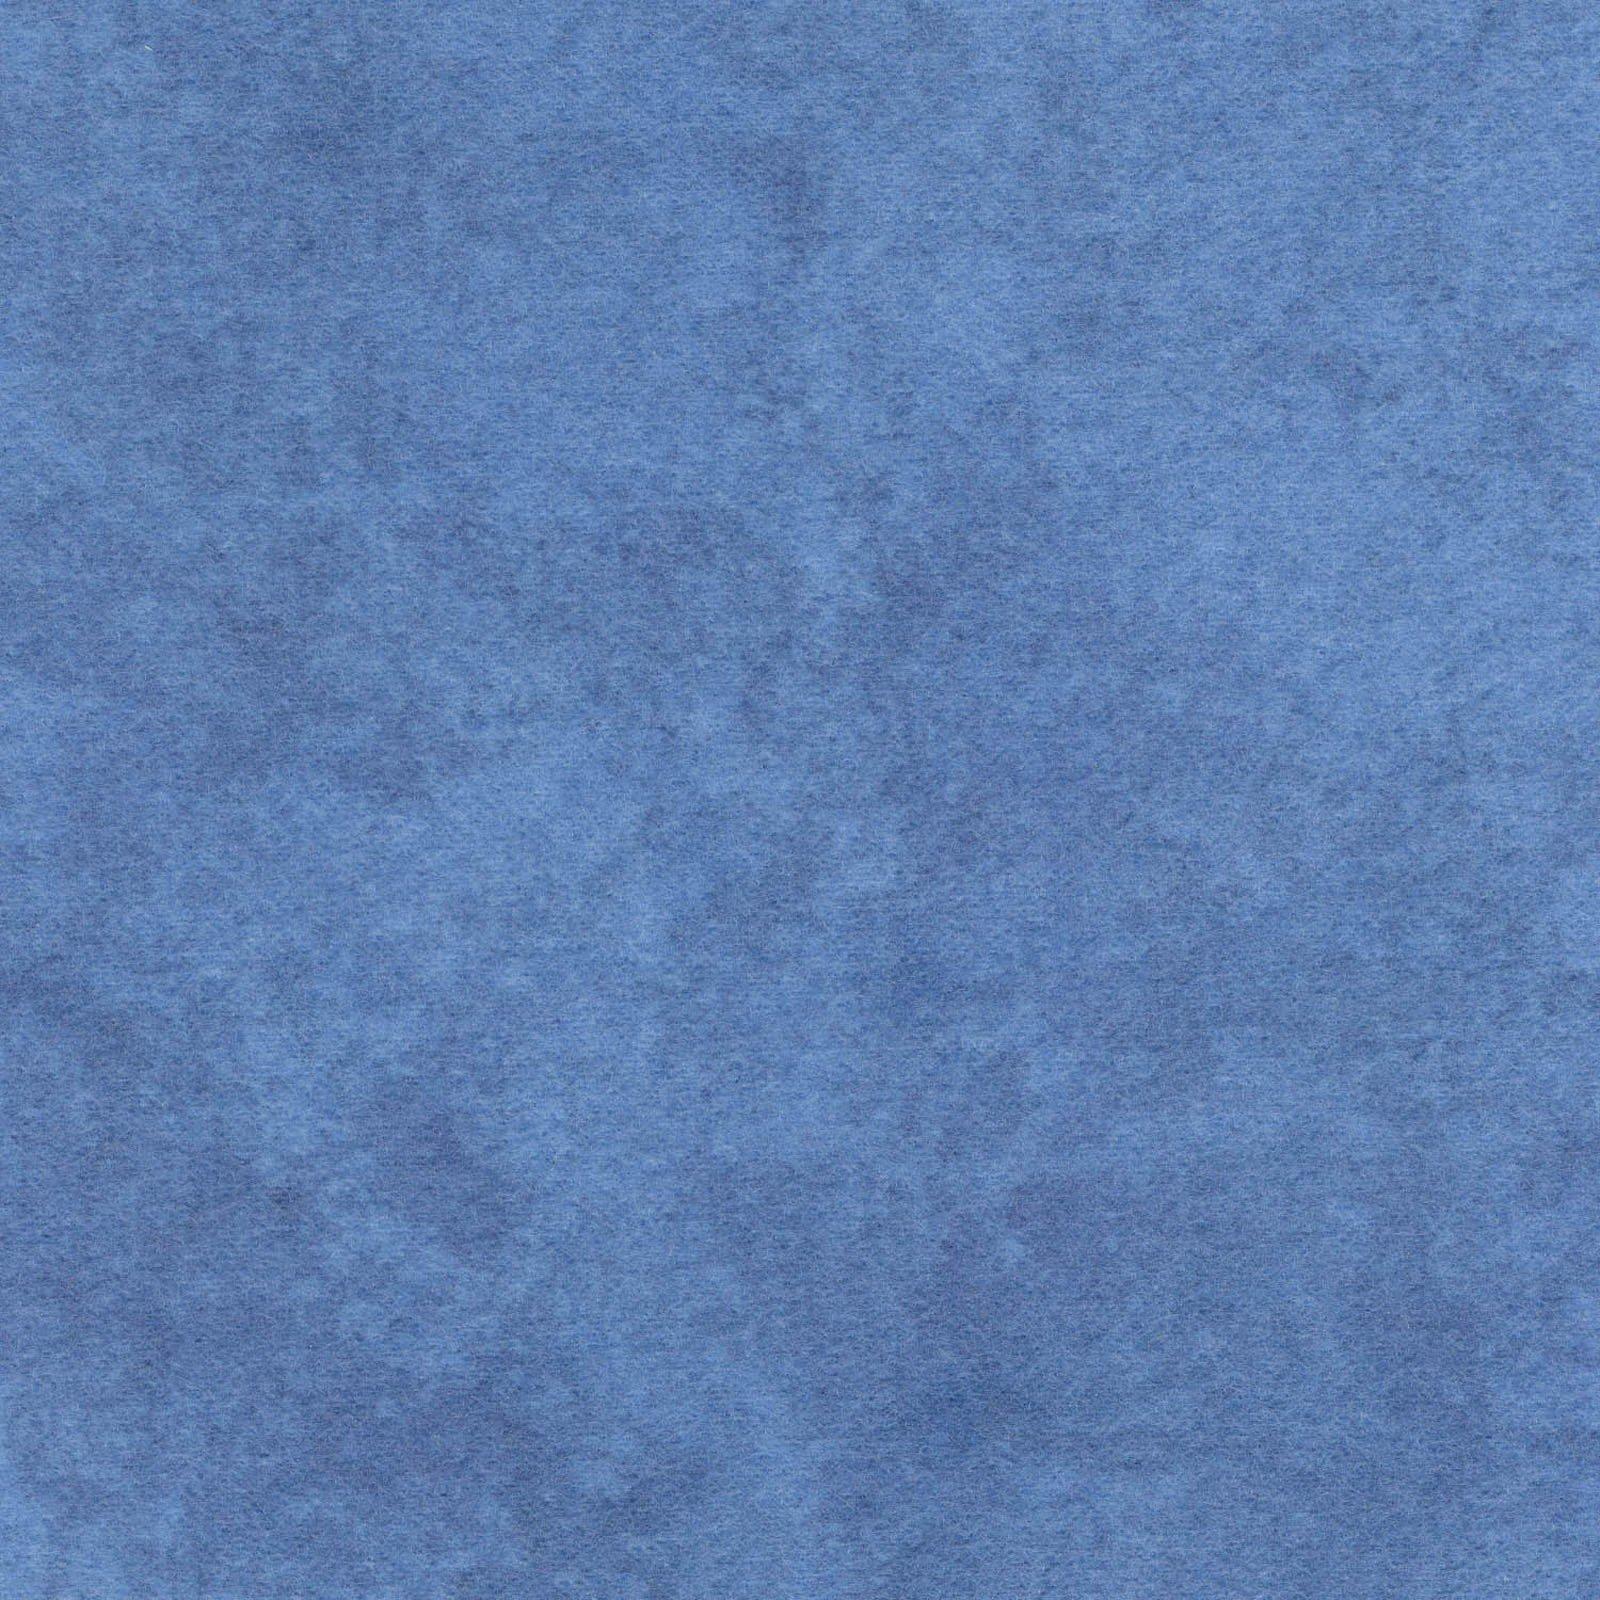 Shadow Play Flannel - Full Bolt - MASF513-BB - FB